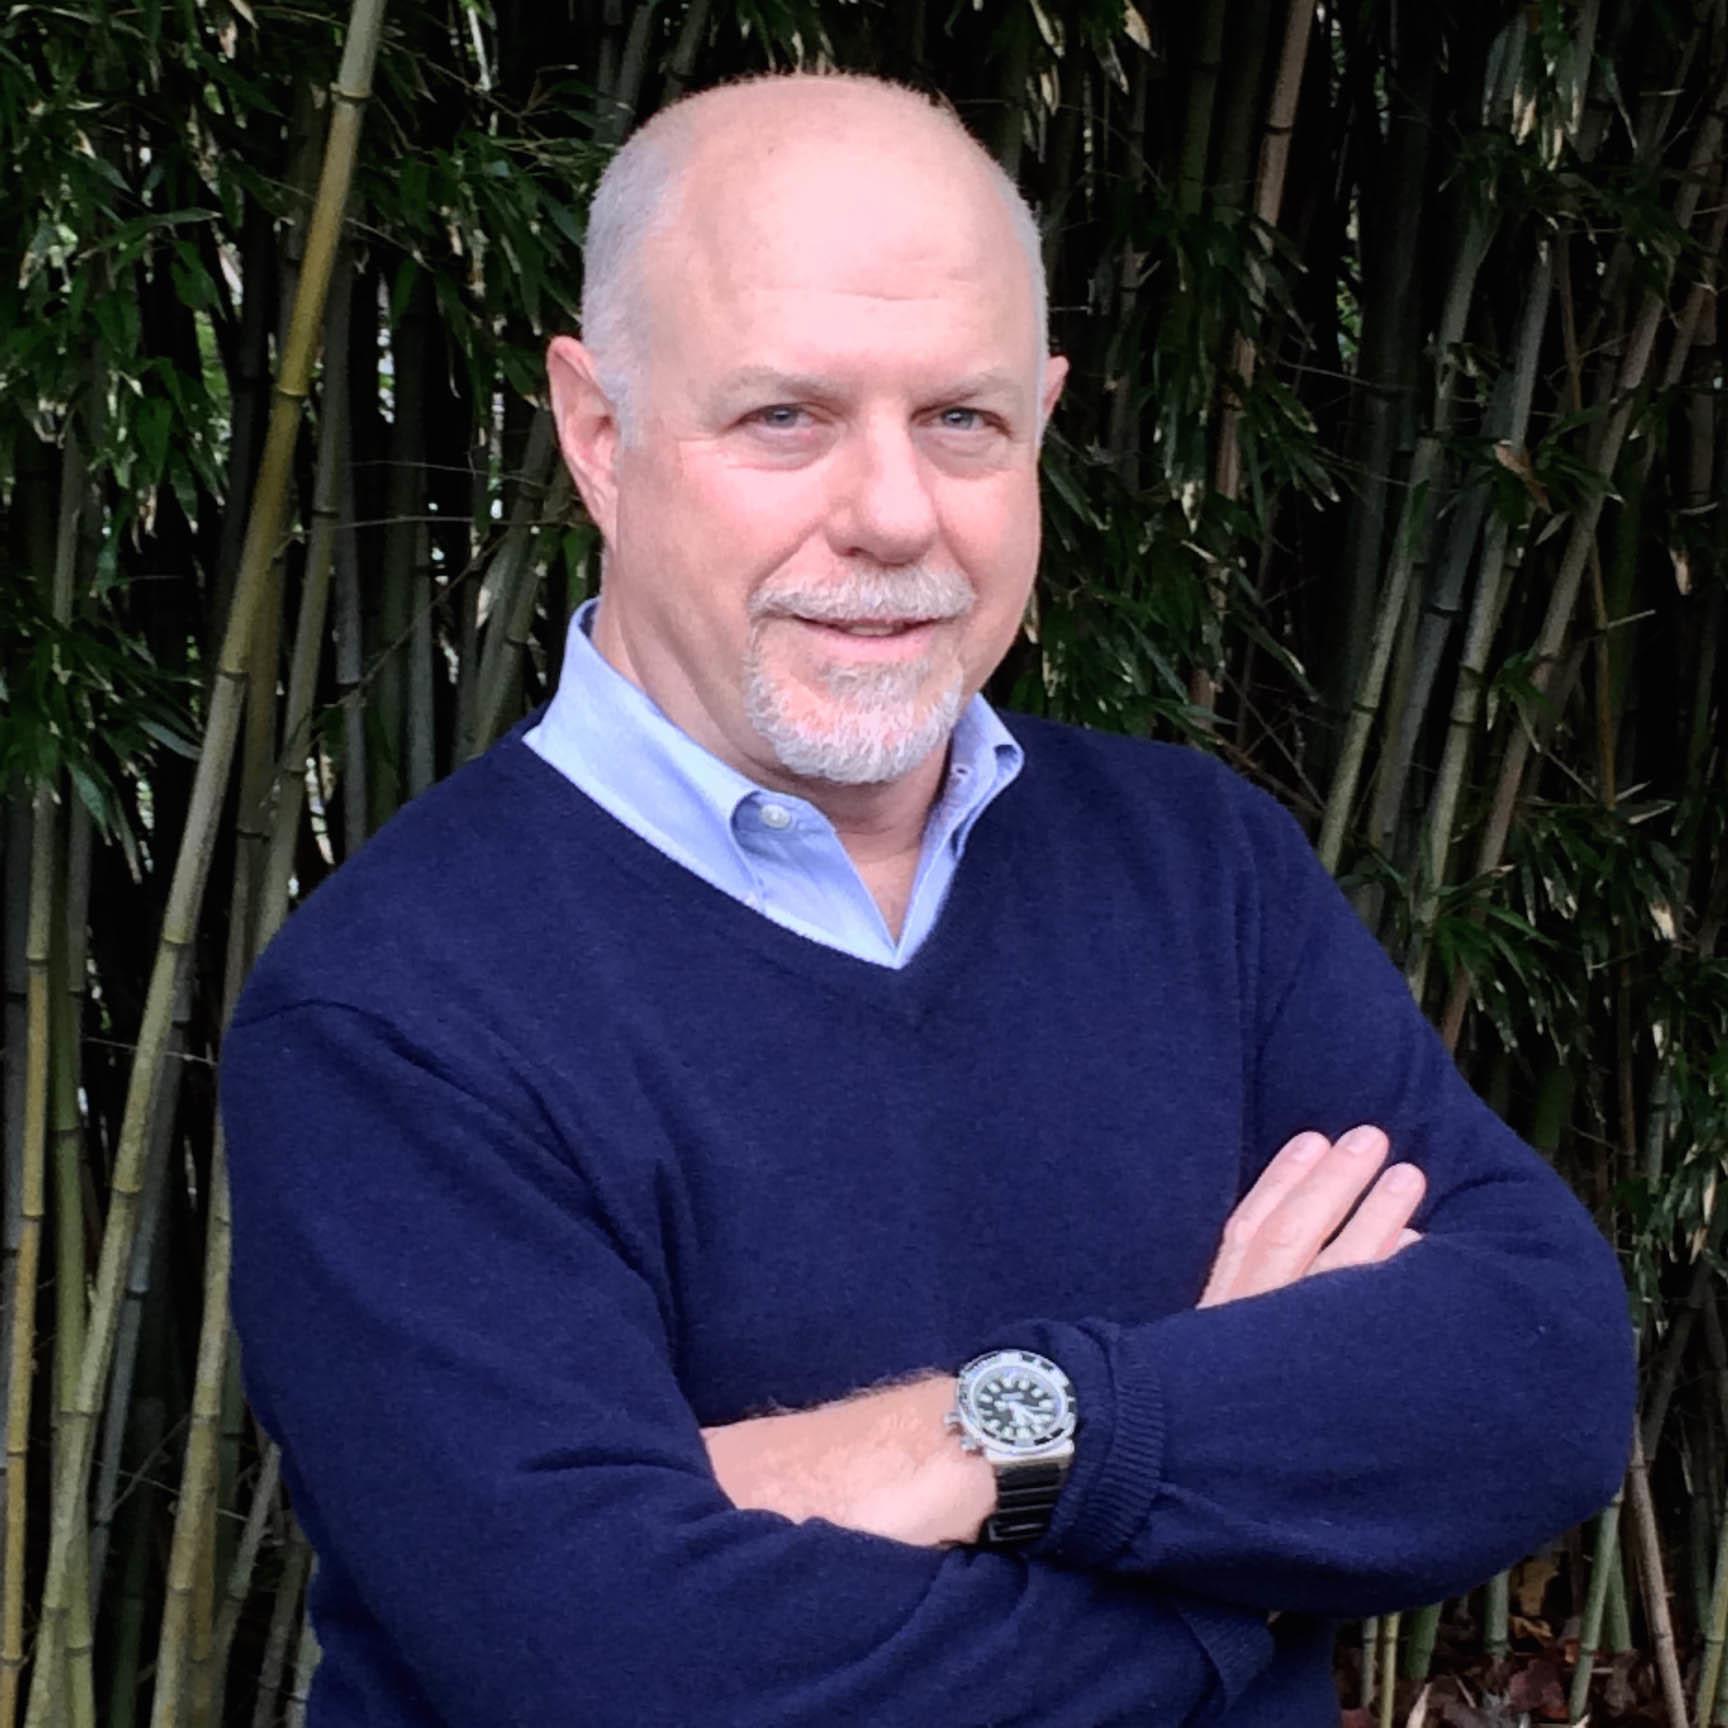 Georgetown Radiation Expert Tim Jorgensen